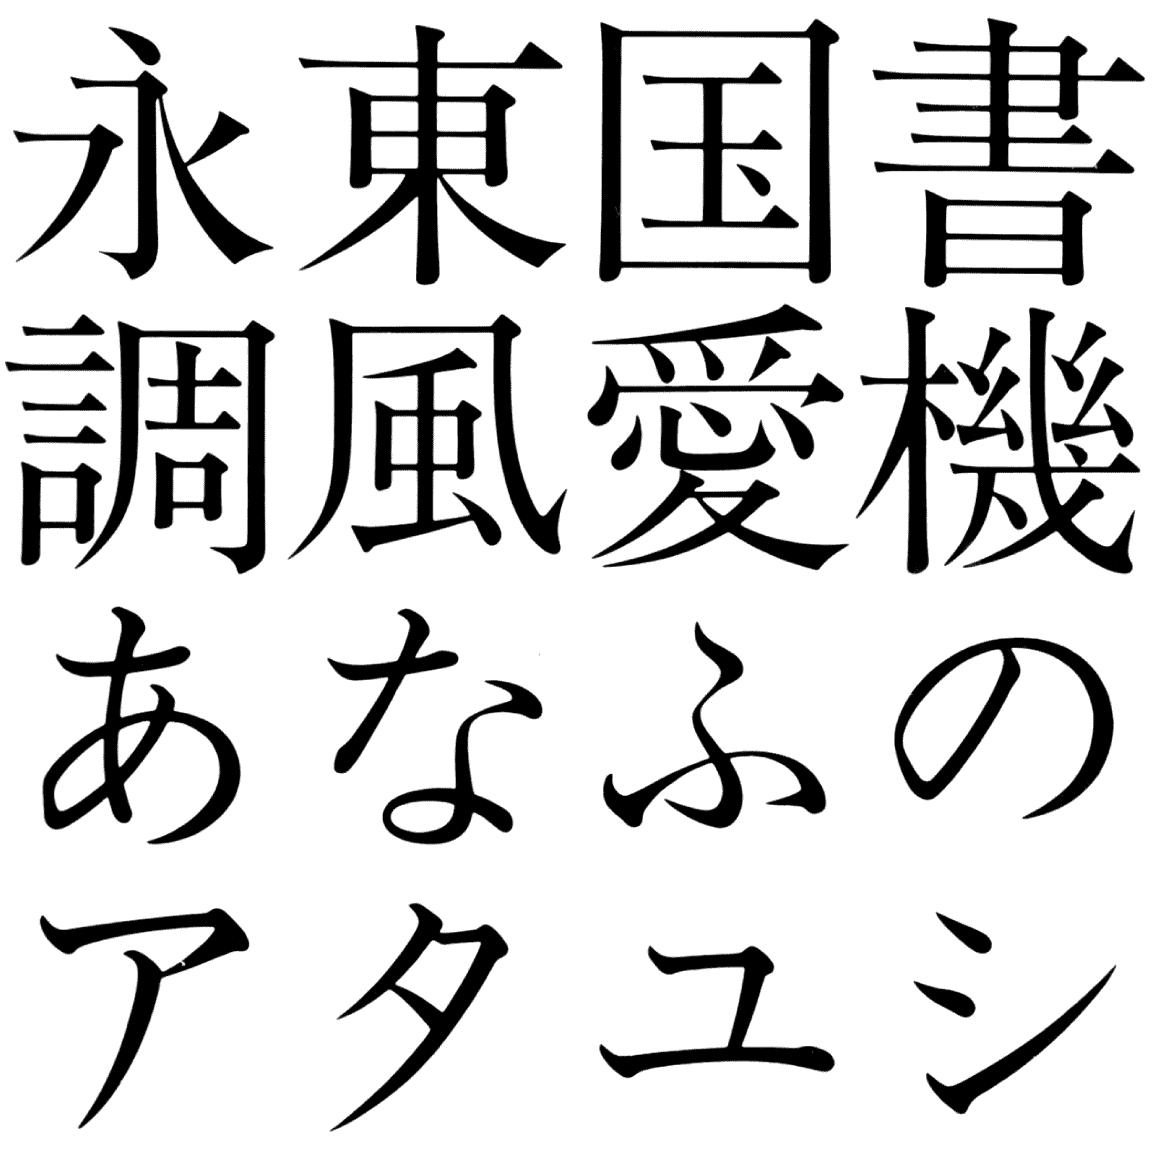 石井中明朝 ニュースタイル小がな MM-A-NKS 字形見本